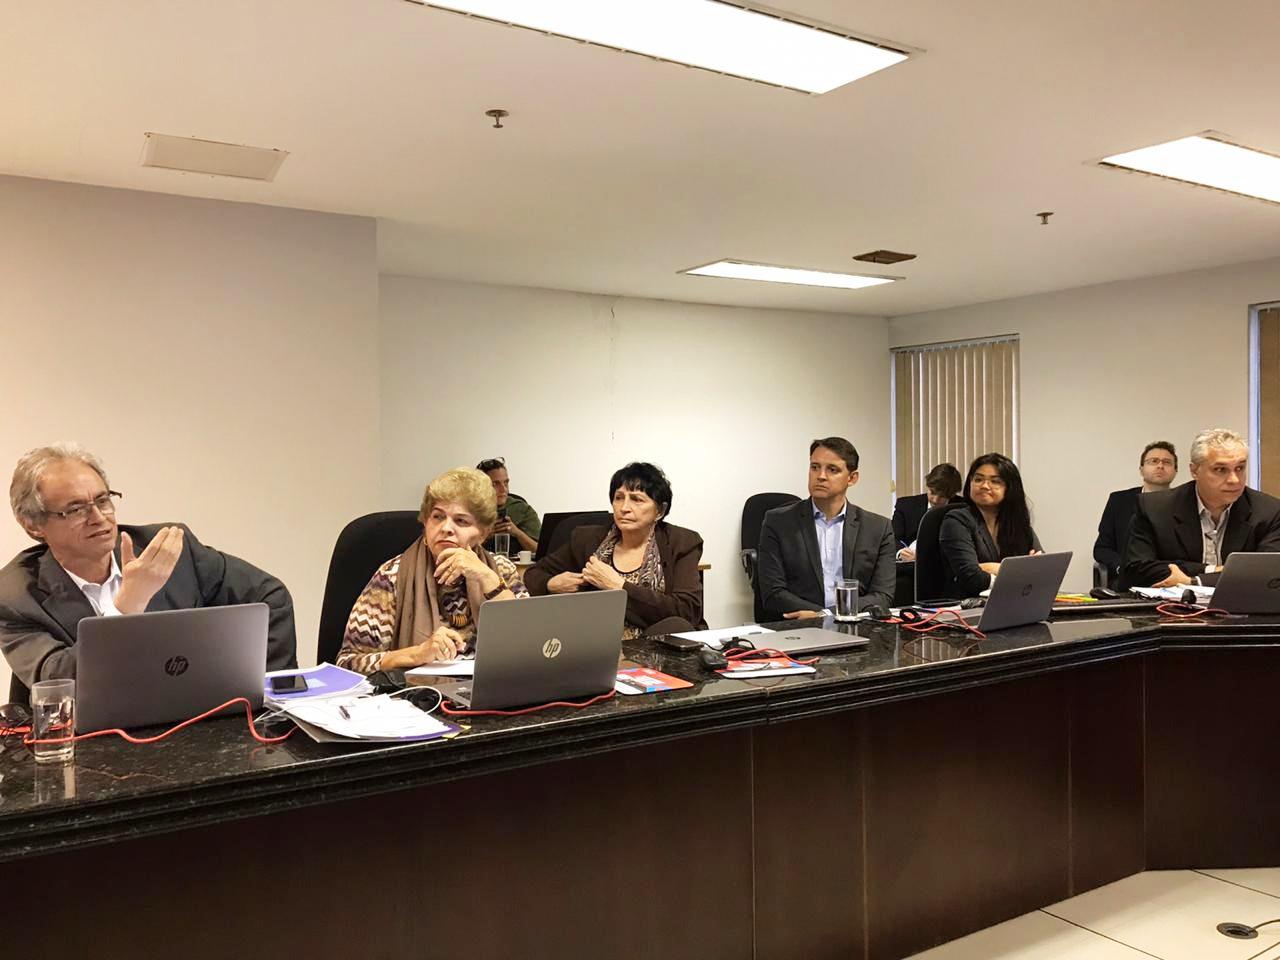 DME de Maceió, Ana Dayse Dorea, representa Undime Nacional durante reunião do Conselho Nacional de Educação em Brasília